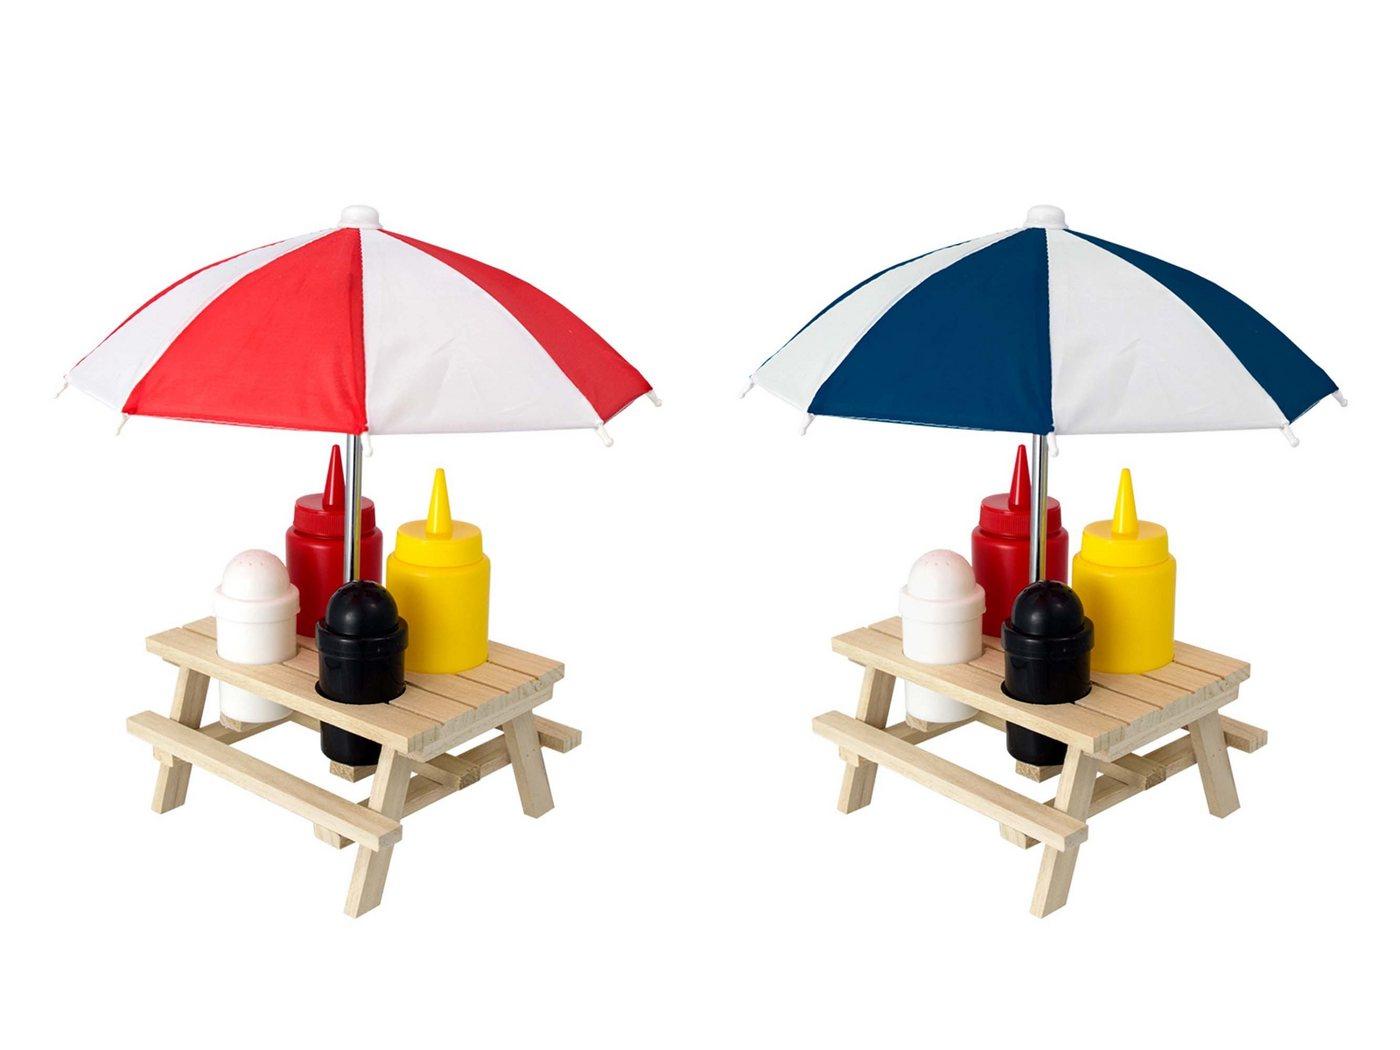 HTI-Living Menage Set 6-teilig »Picknicktisch« | Baumarkt > Camping und Zubehör > Weiteres-Campingzubehör | Bunt | HTI-Living